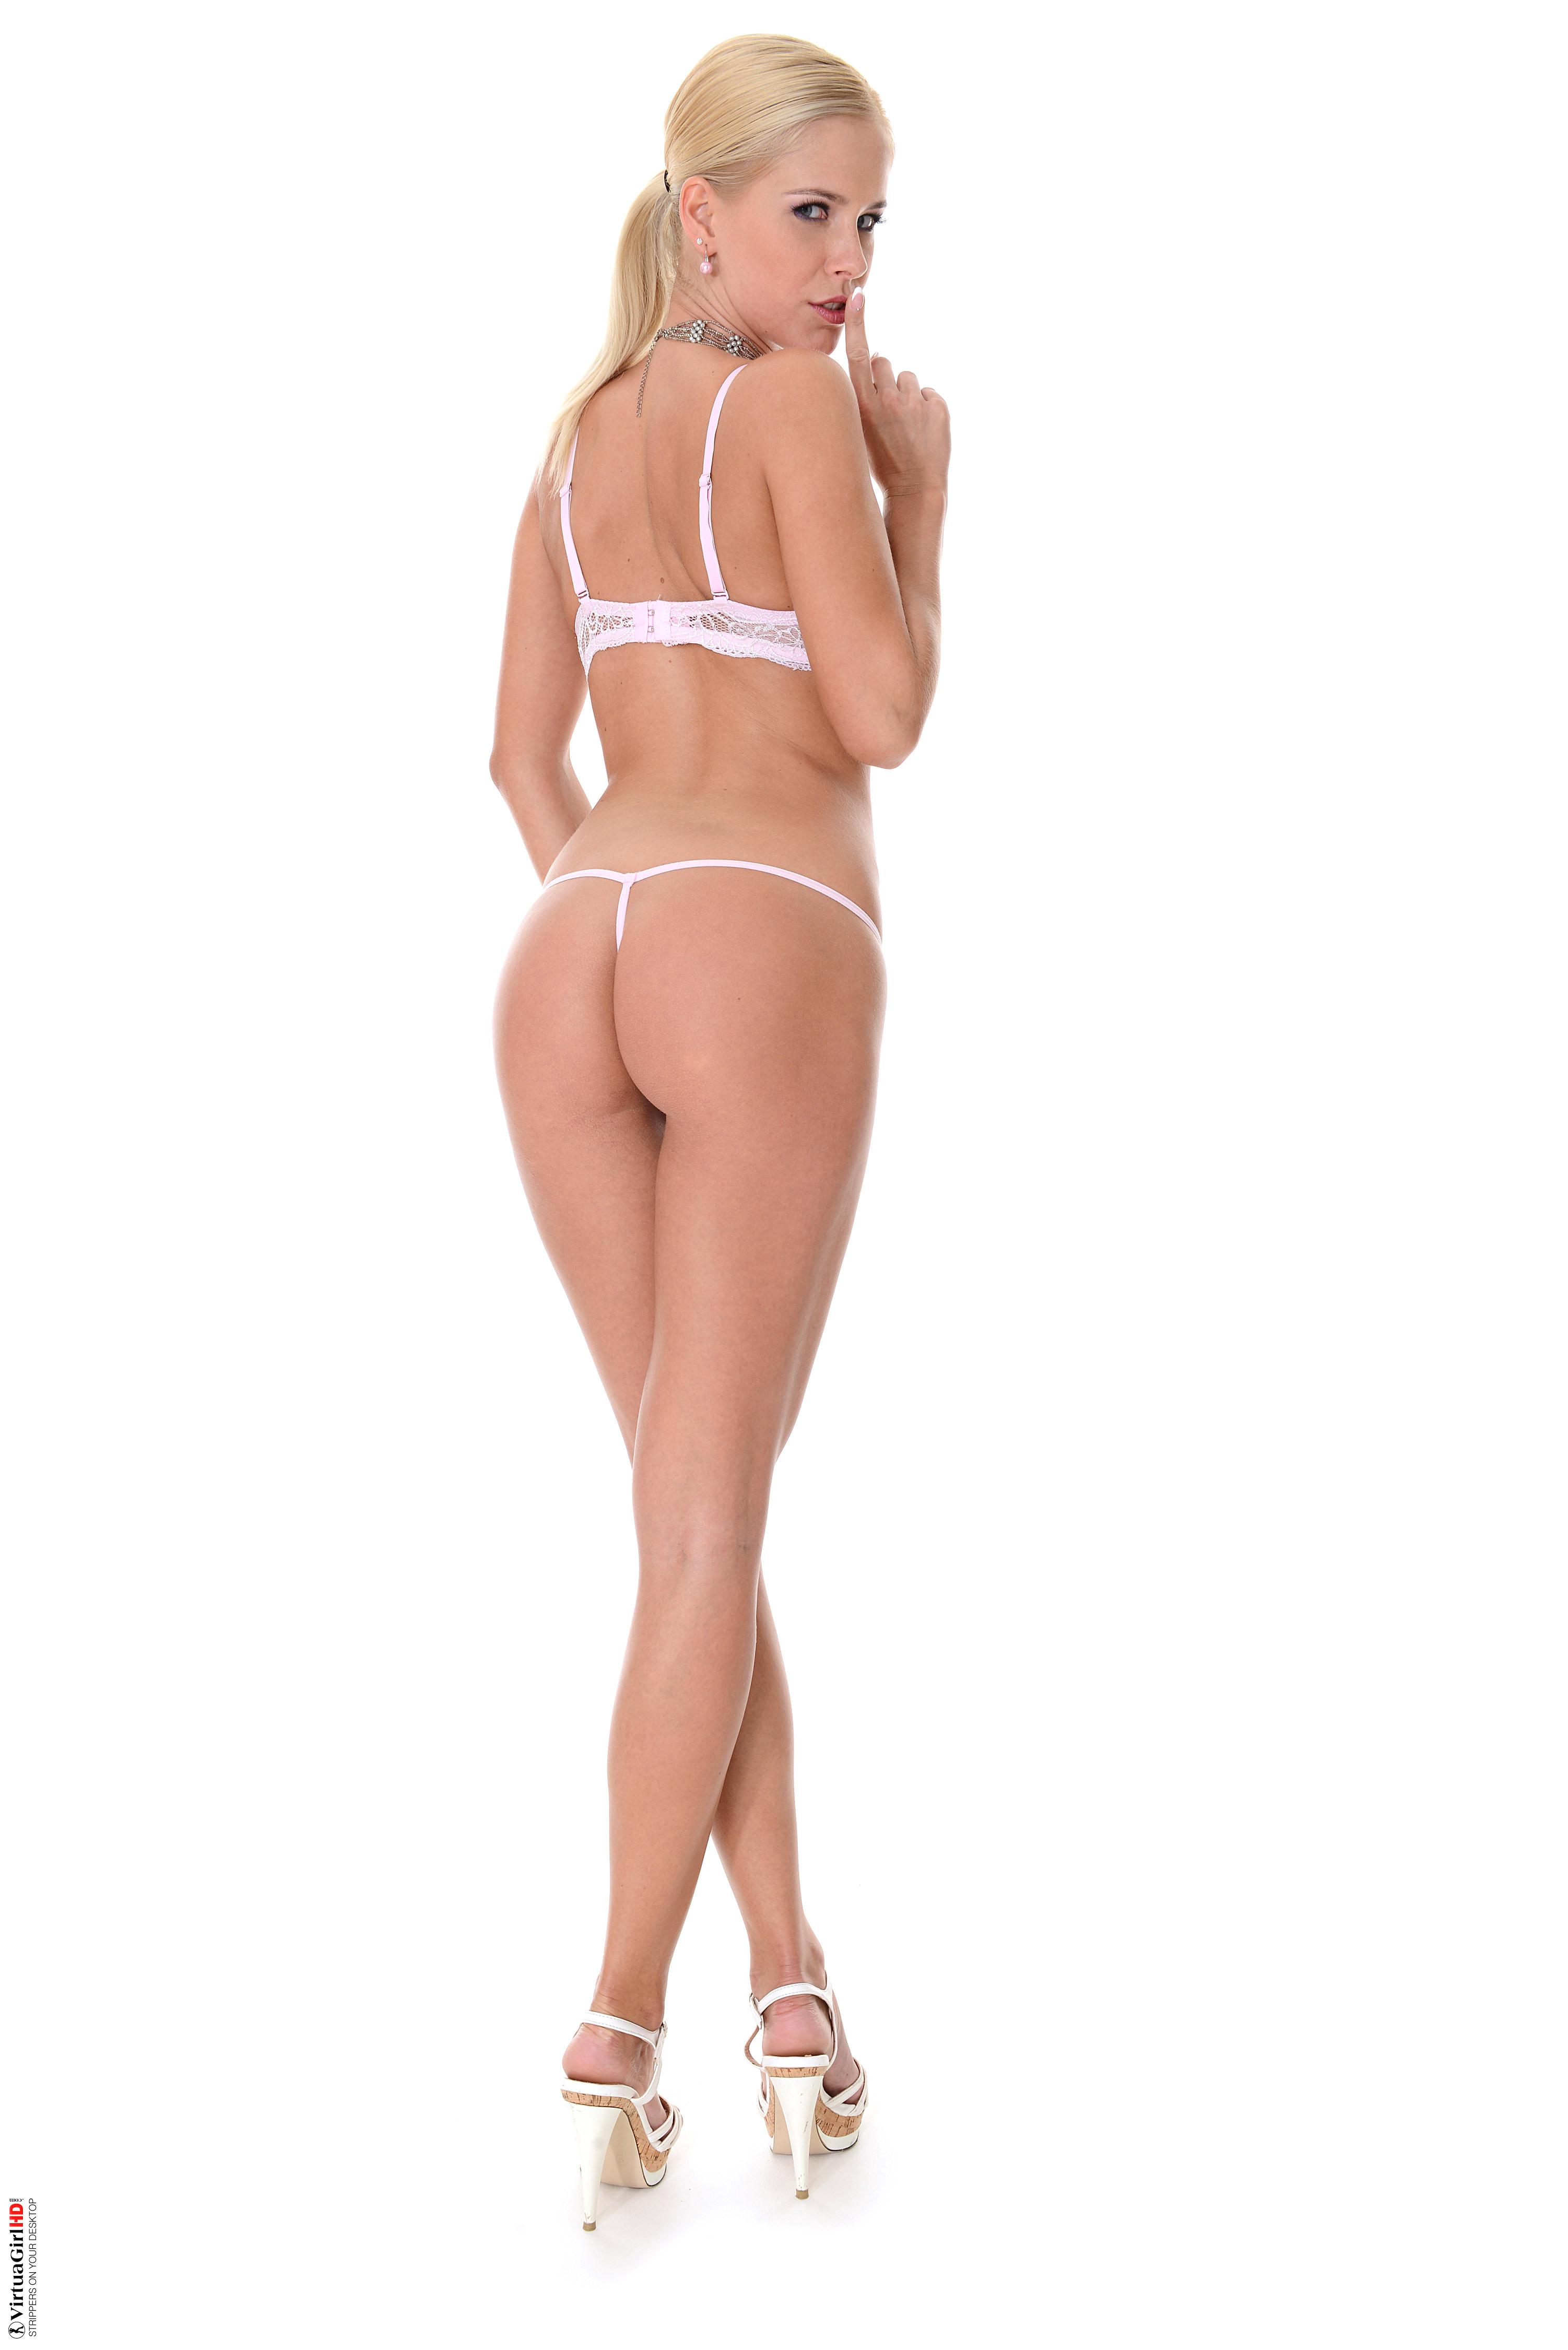 hot lingerie ass